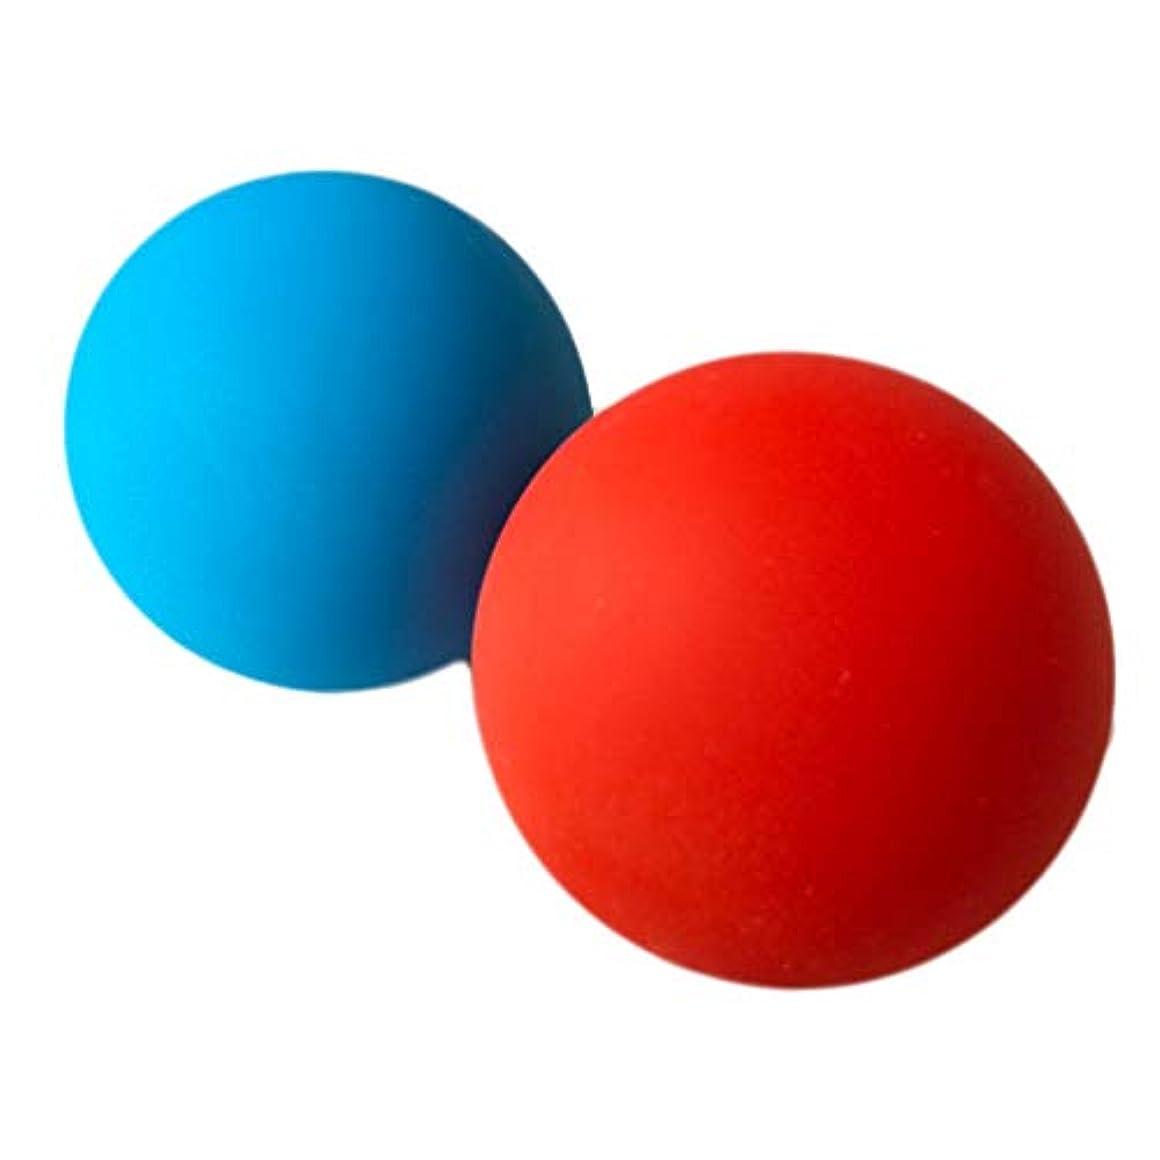 邪悪な行商レモンHealifty 理学療法セラピーボールヨガ深部組織マッサージトリガーポイント療法筋肉痛筋膜リリース2ピース